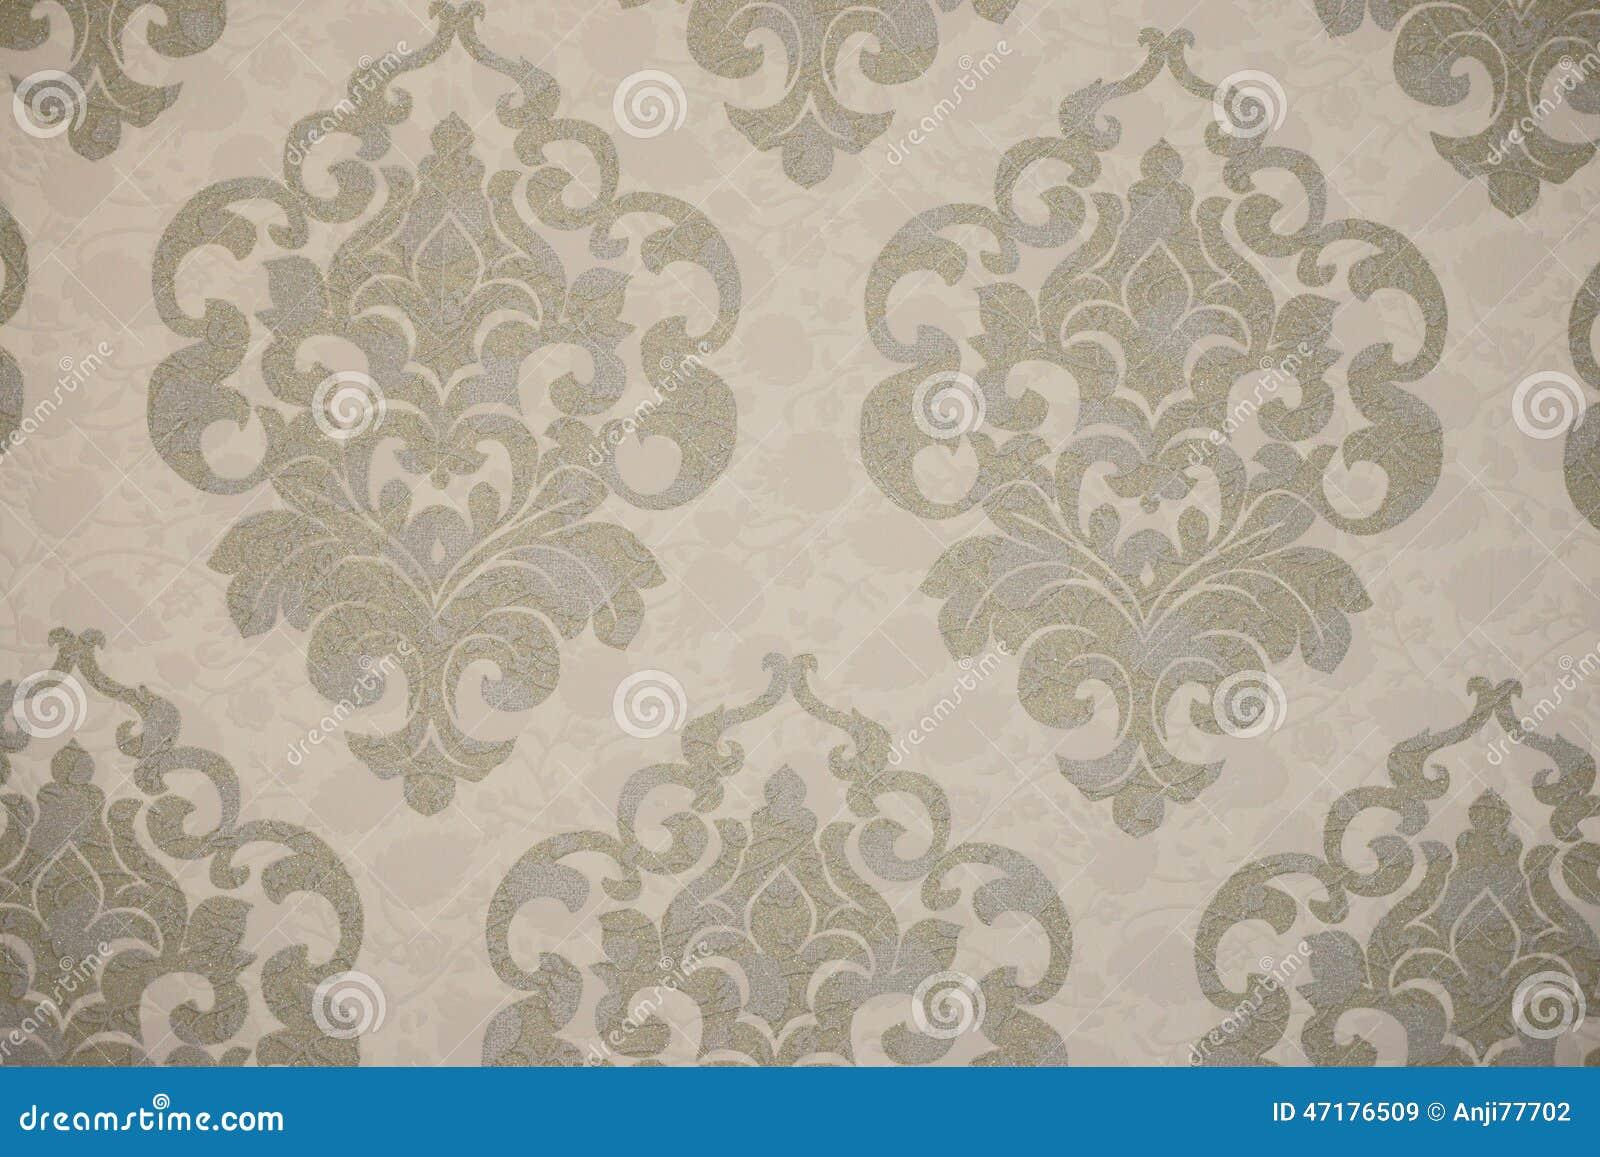 Favori Papier Peint Dans Le Style Ancien Image stock - Image: 47176509 TK43